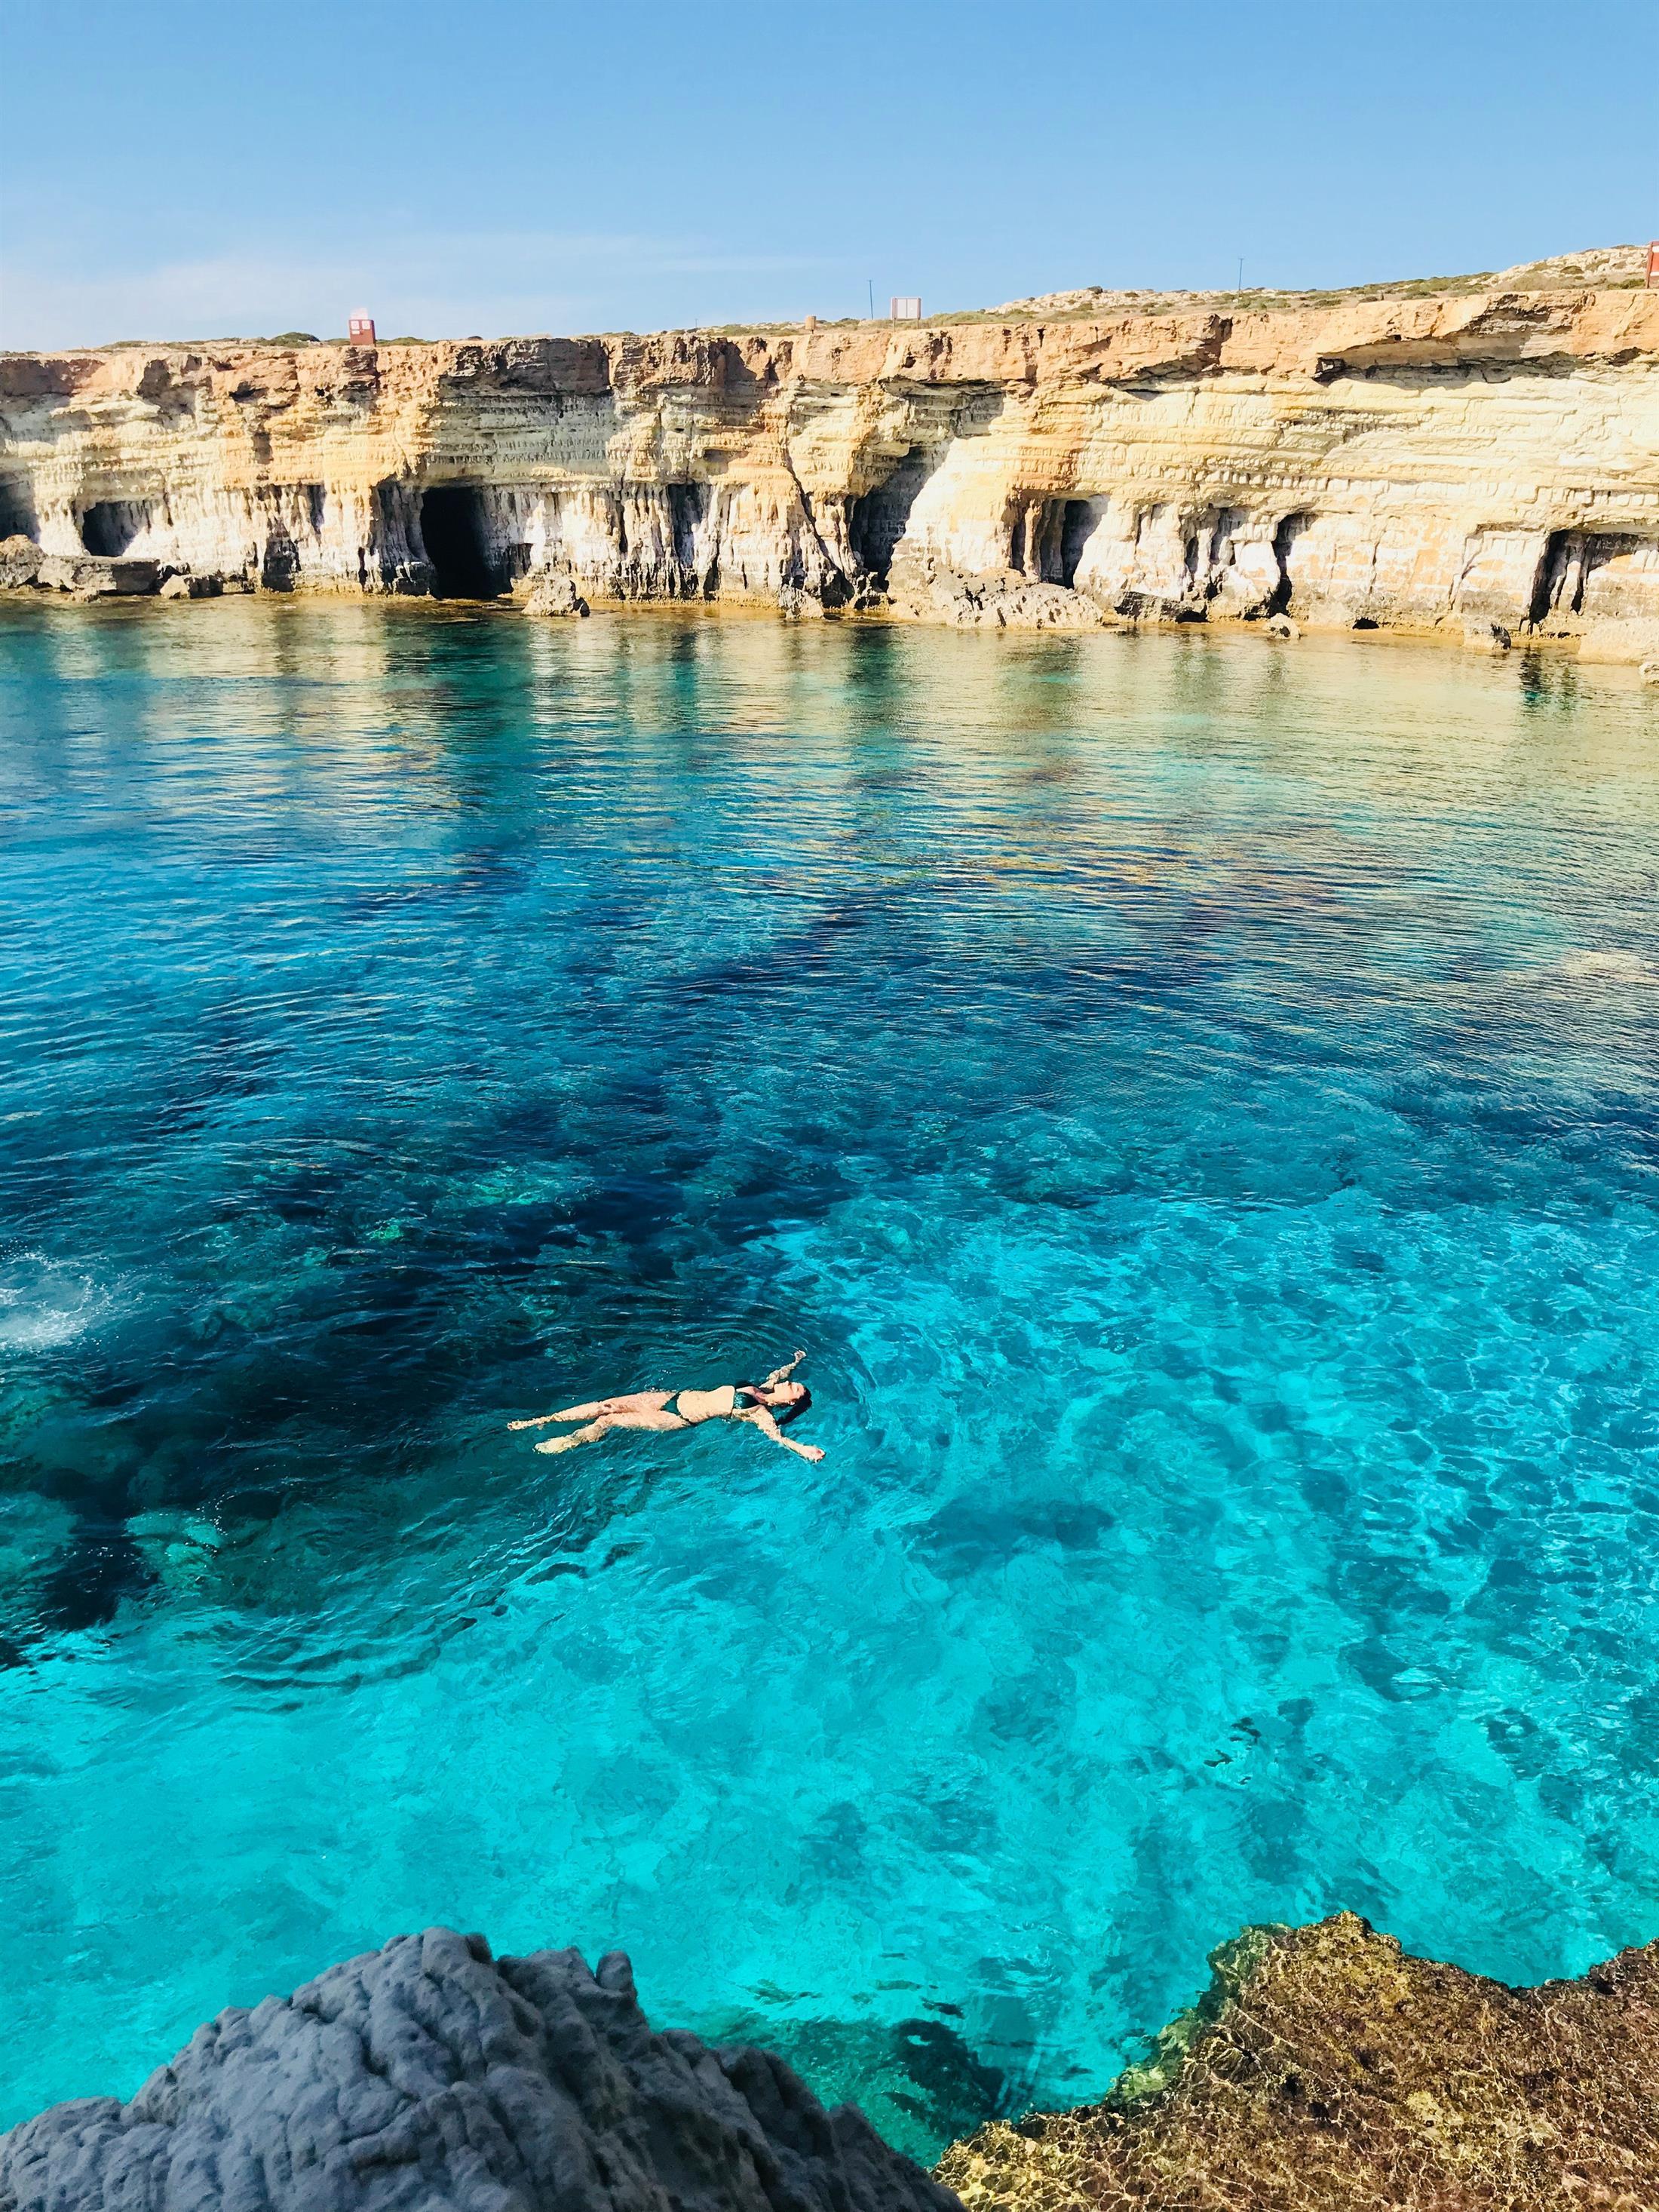 טיול מאורגן לקפריסין בסוכות לשומרי מסורת   7 ימים, 6 לילות